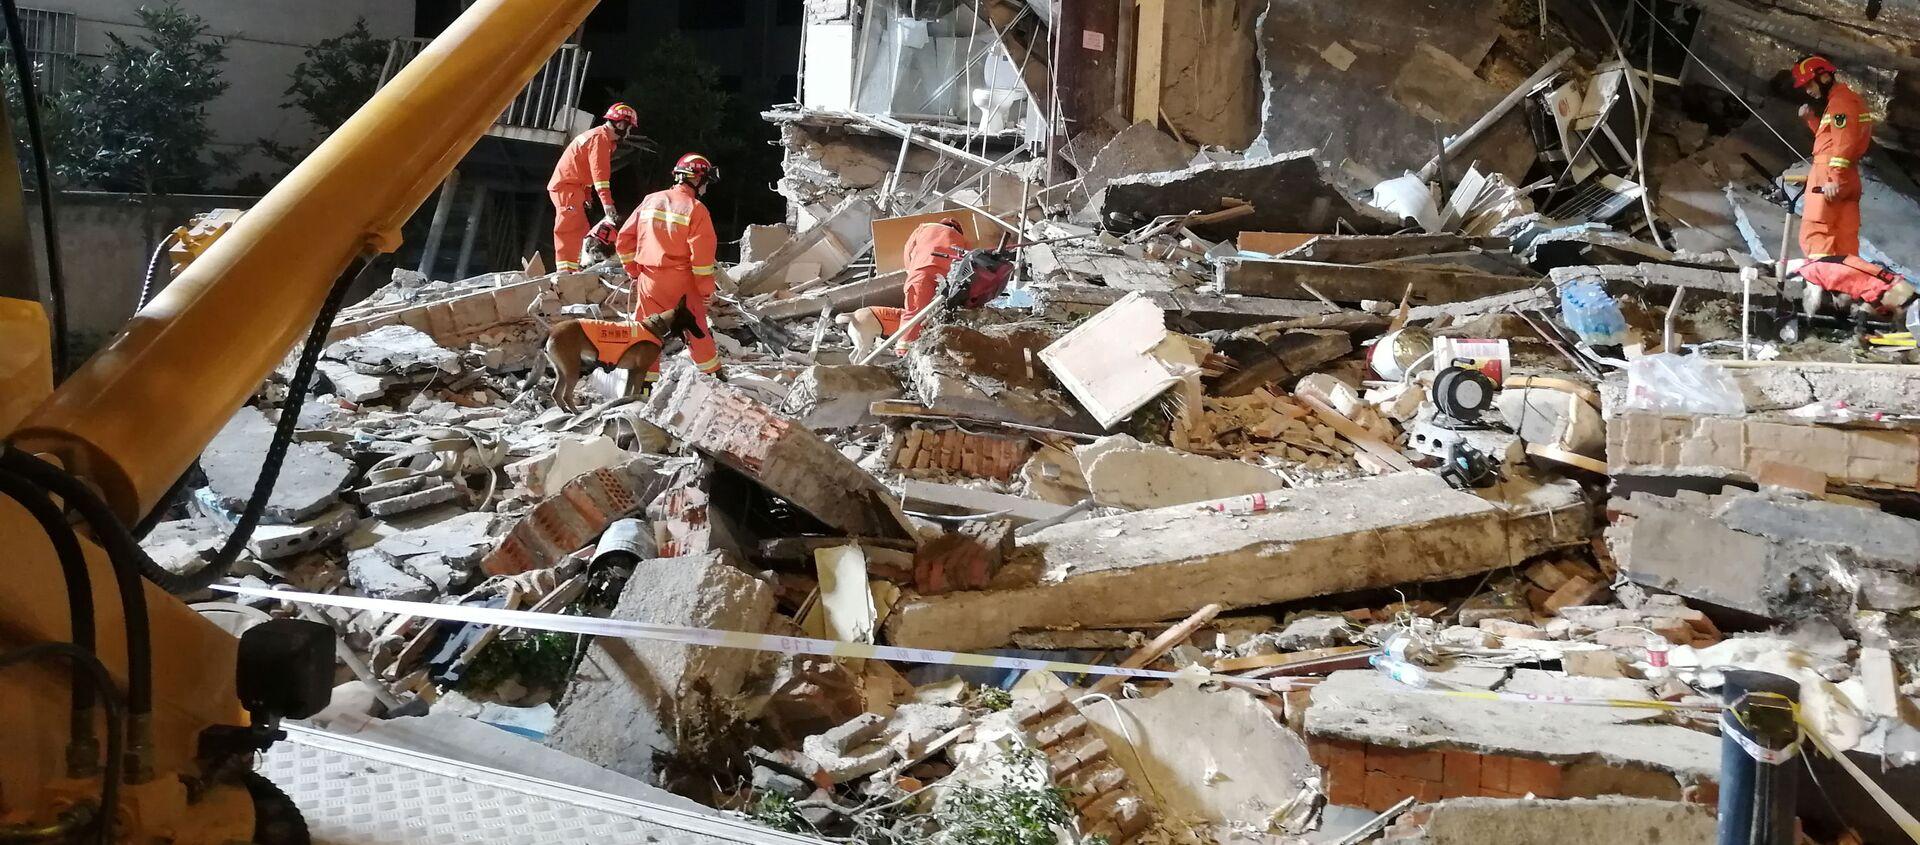 Спасатели работают на месте обрушения здания гостиницы в Сучжоу, провинция Цзянсу - Sputnik Грузия, 1920, 13.07.2021